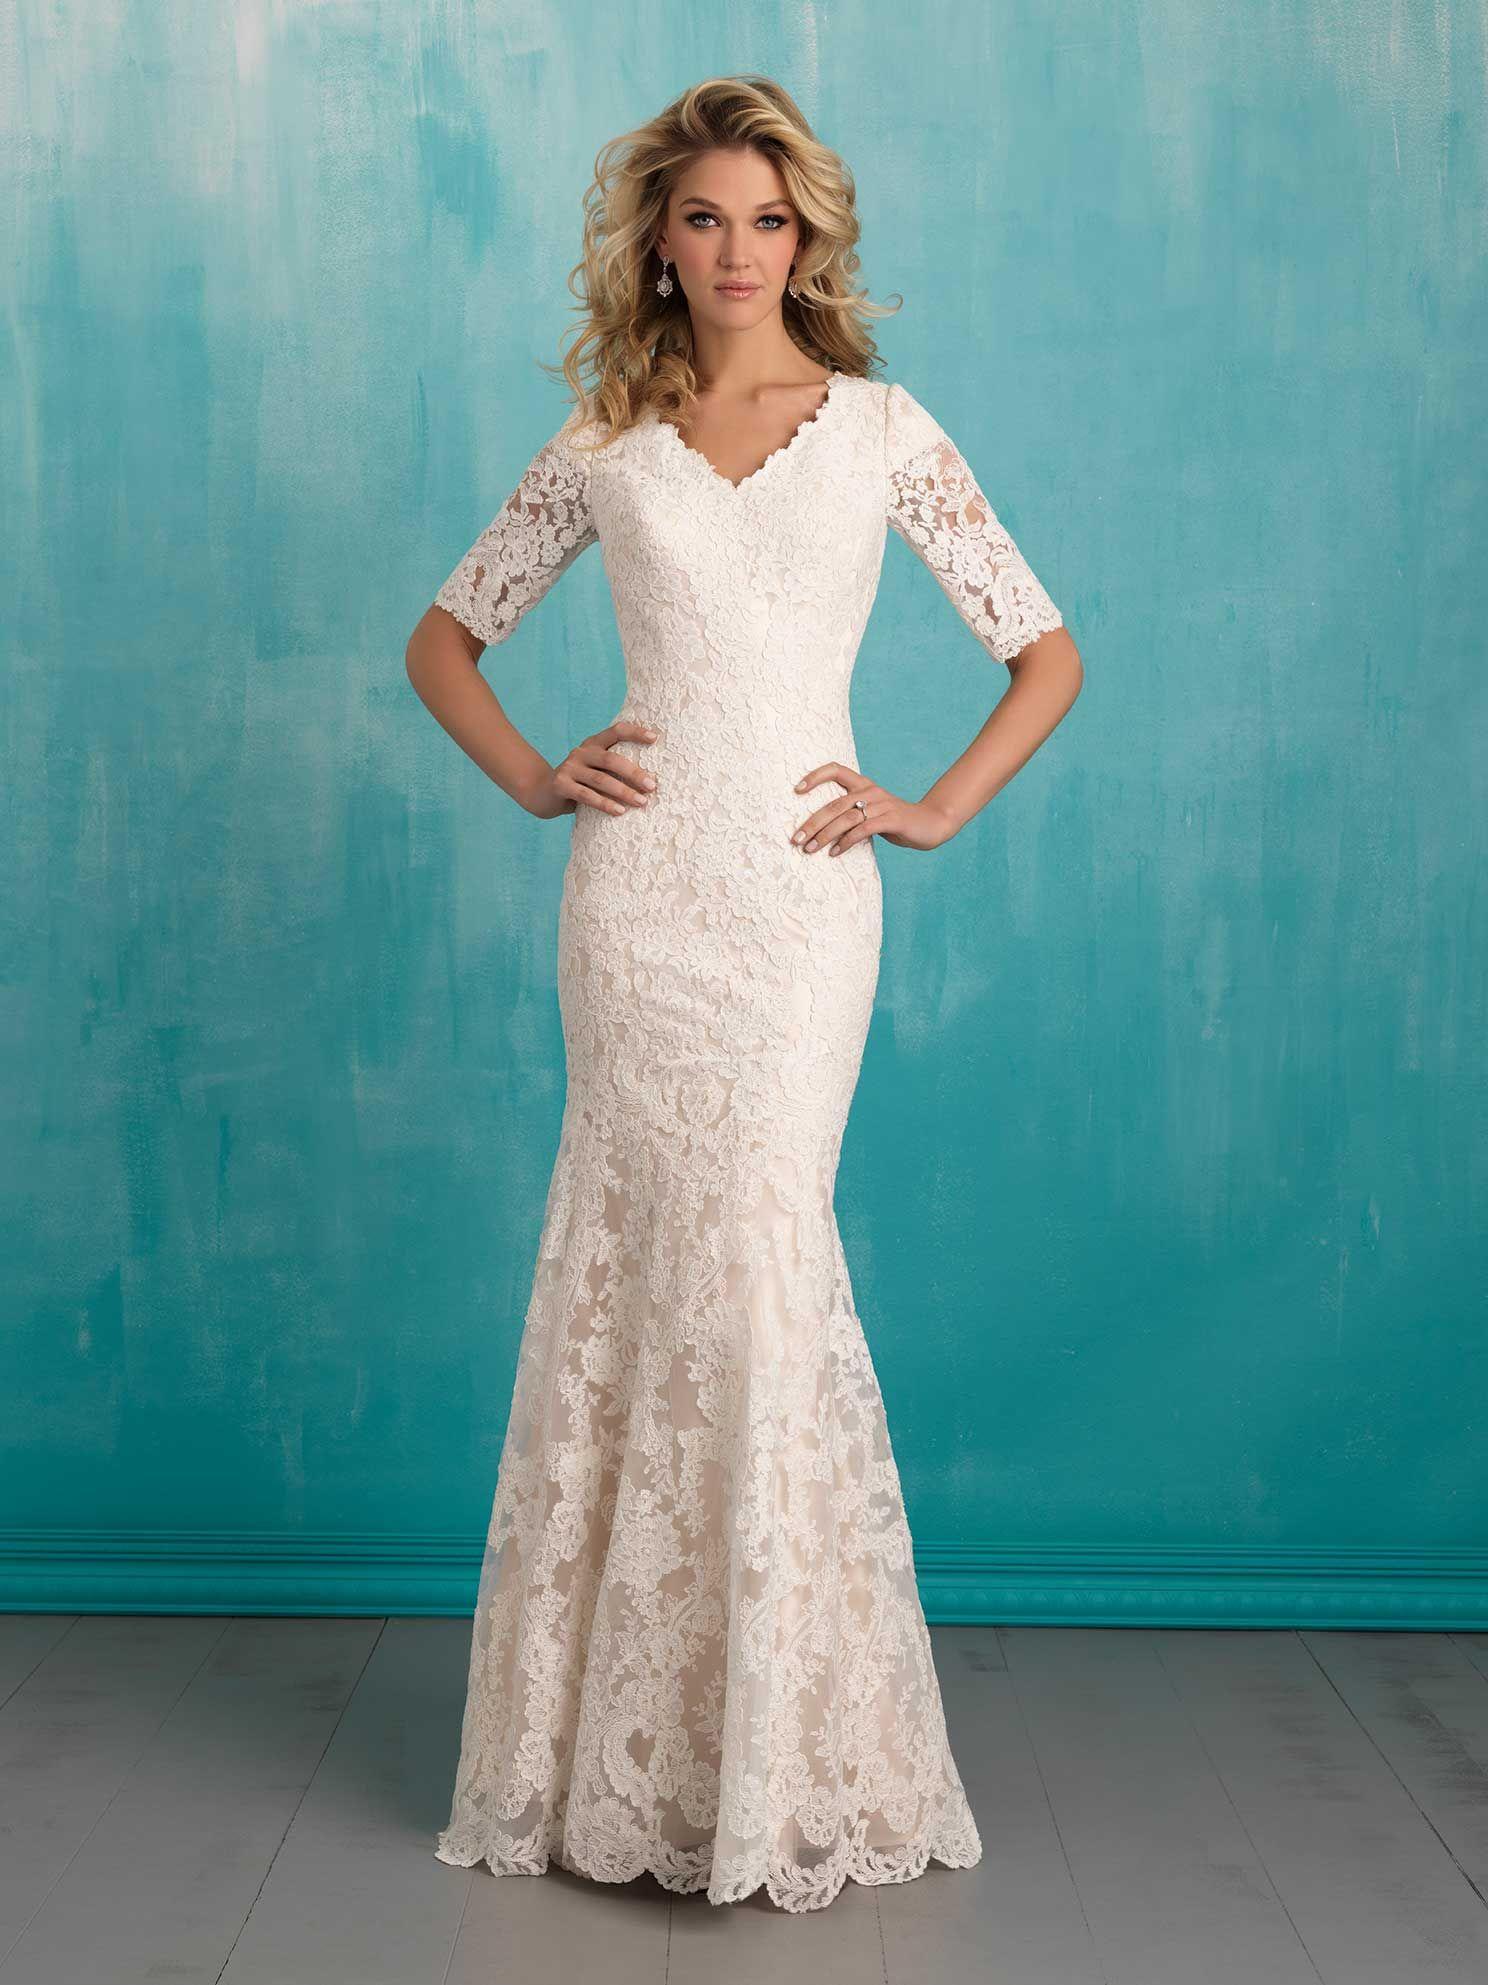 Gorgeous Modest Wedding Dresses For my girl Pinterest